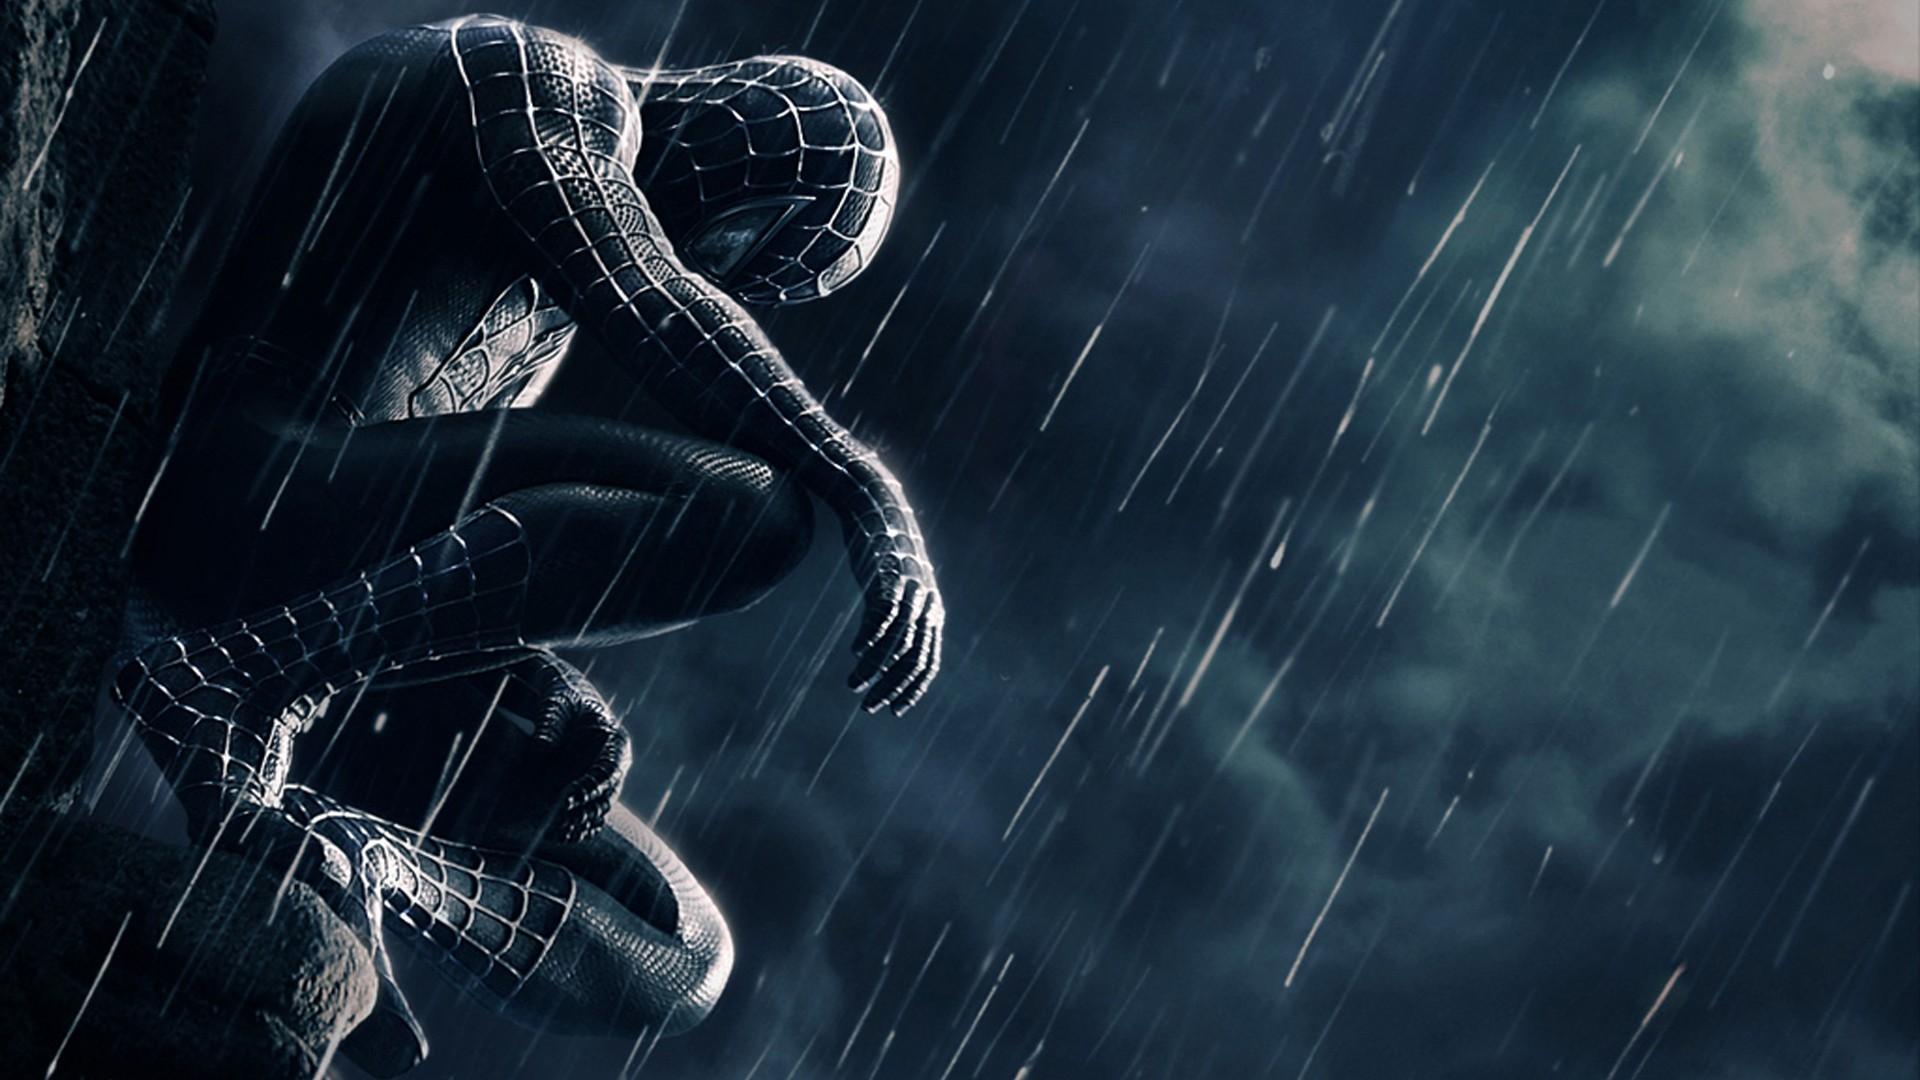 Spider Man Spider Man 3 Tobey Maguire Movie Movies 1920x1080 hdweweb4 1920x1080